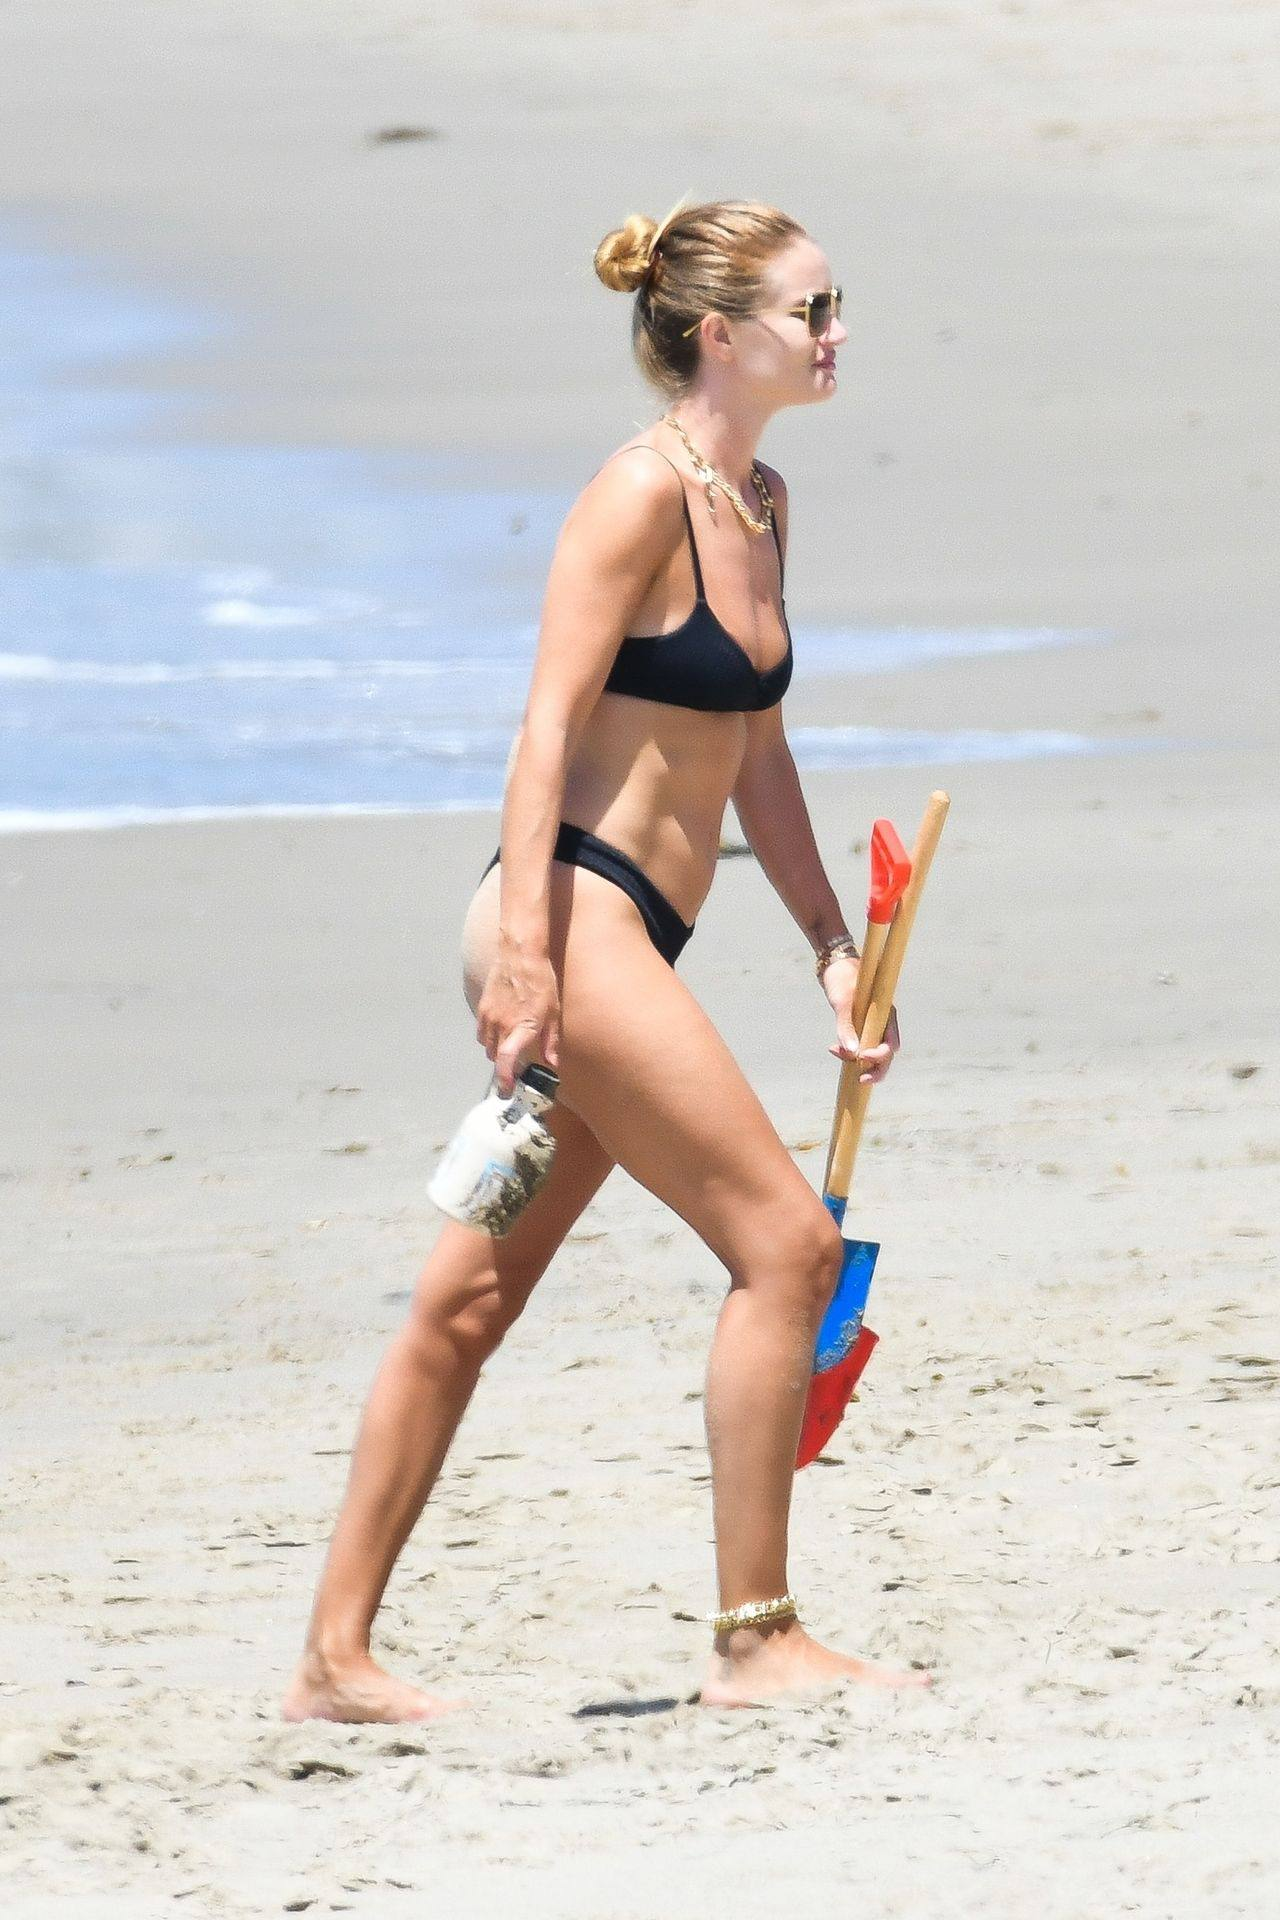 Rosie Huntington Whiteley – Beautiful Ass In Thong Bikini In Malibu 0005